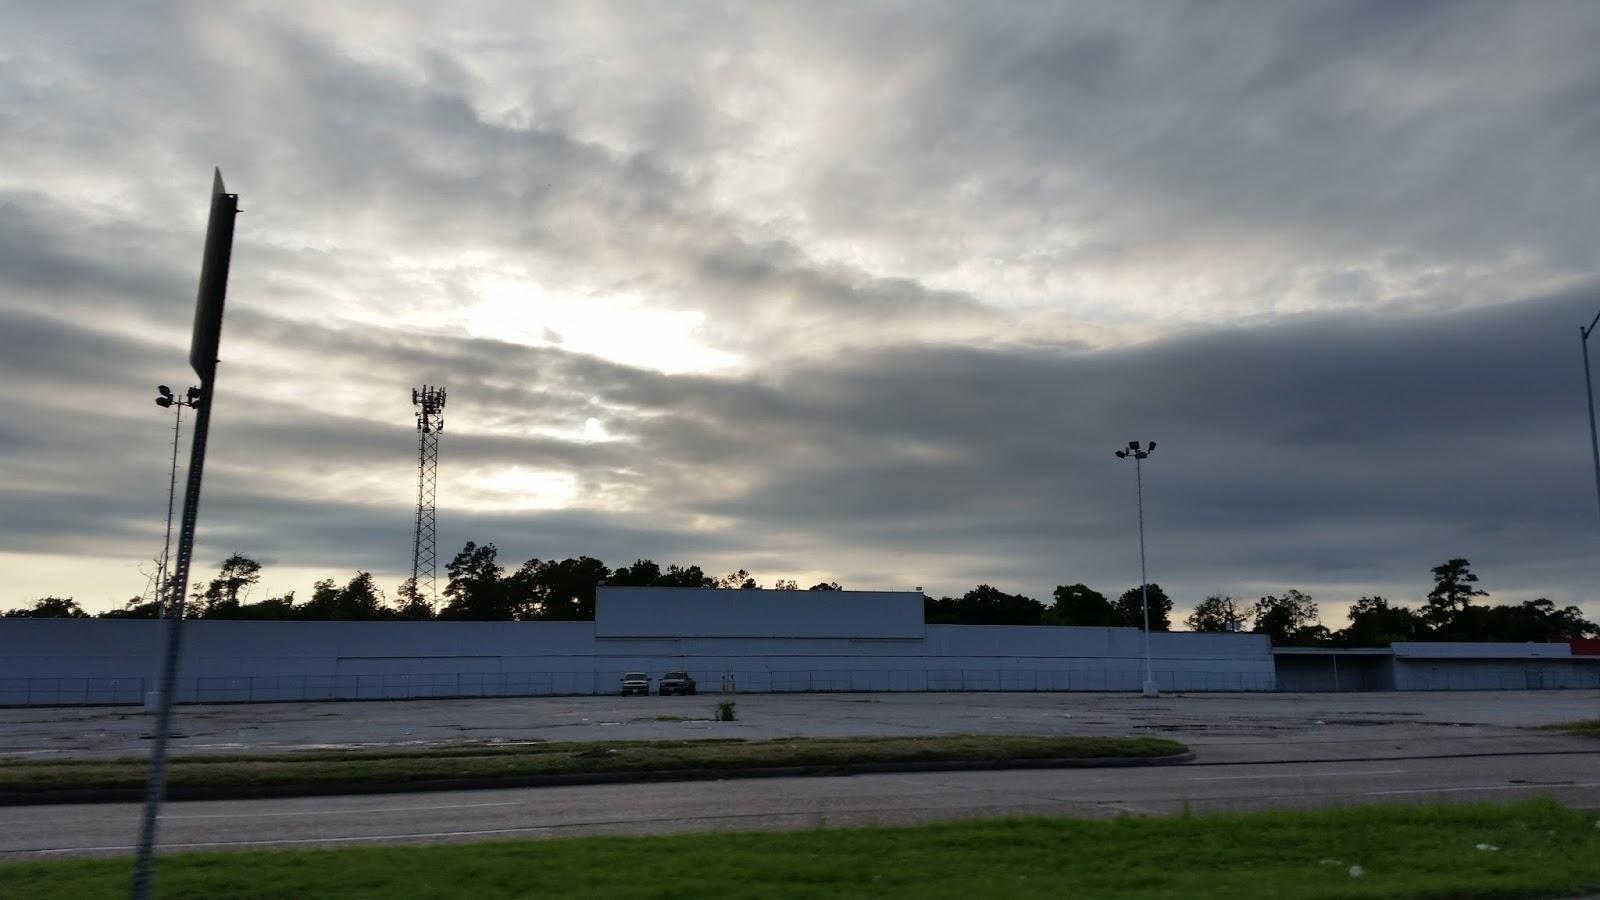 The Louisiana And Texas Retail Blogspot Abandoned Houston Big Box